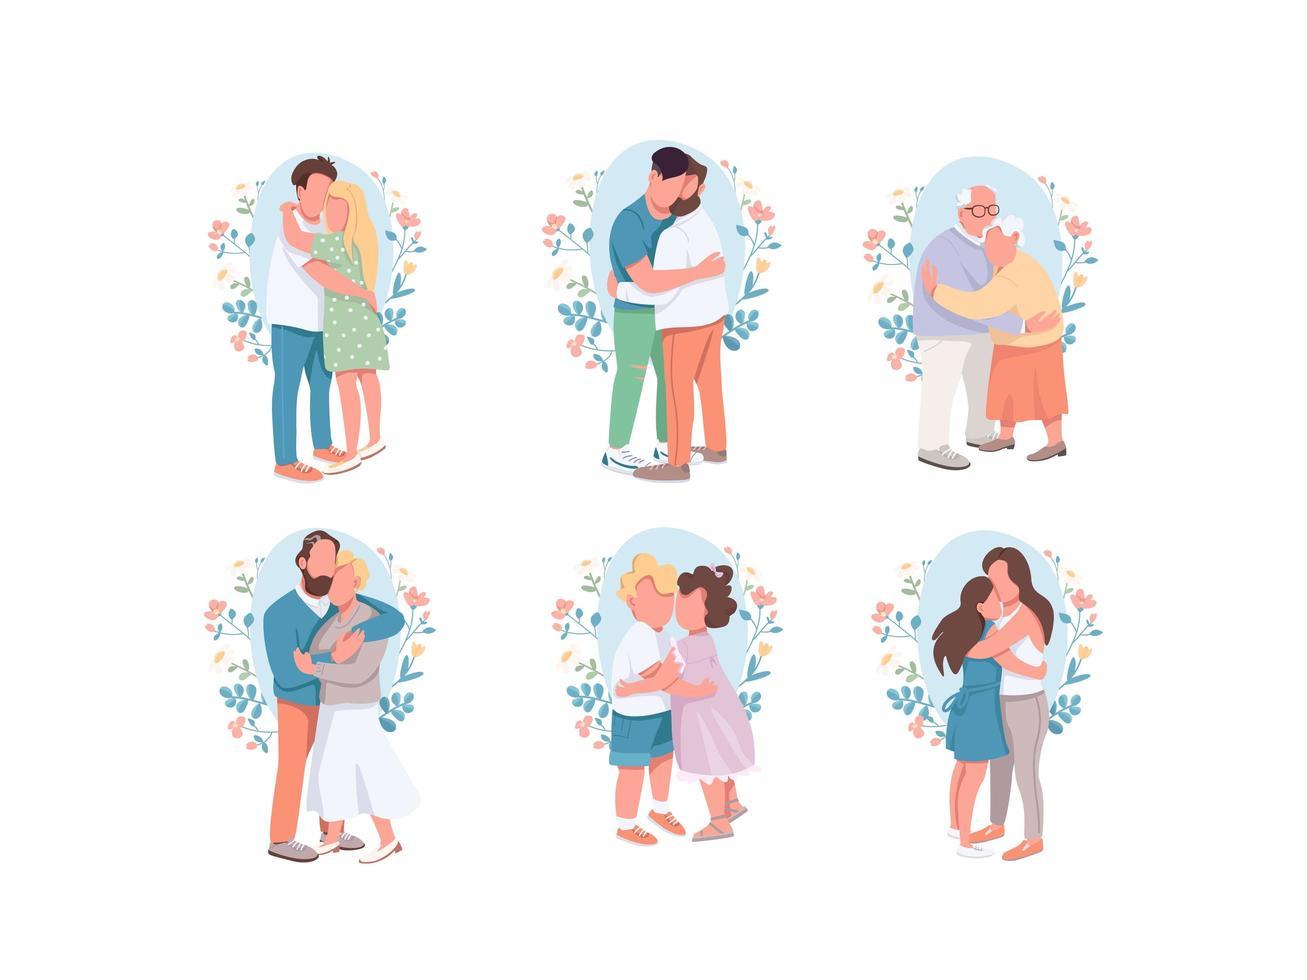 abrazos conjunto de personajes vector